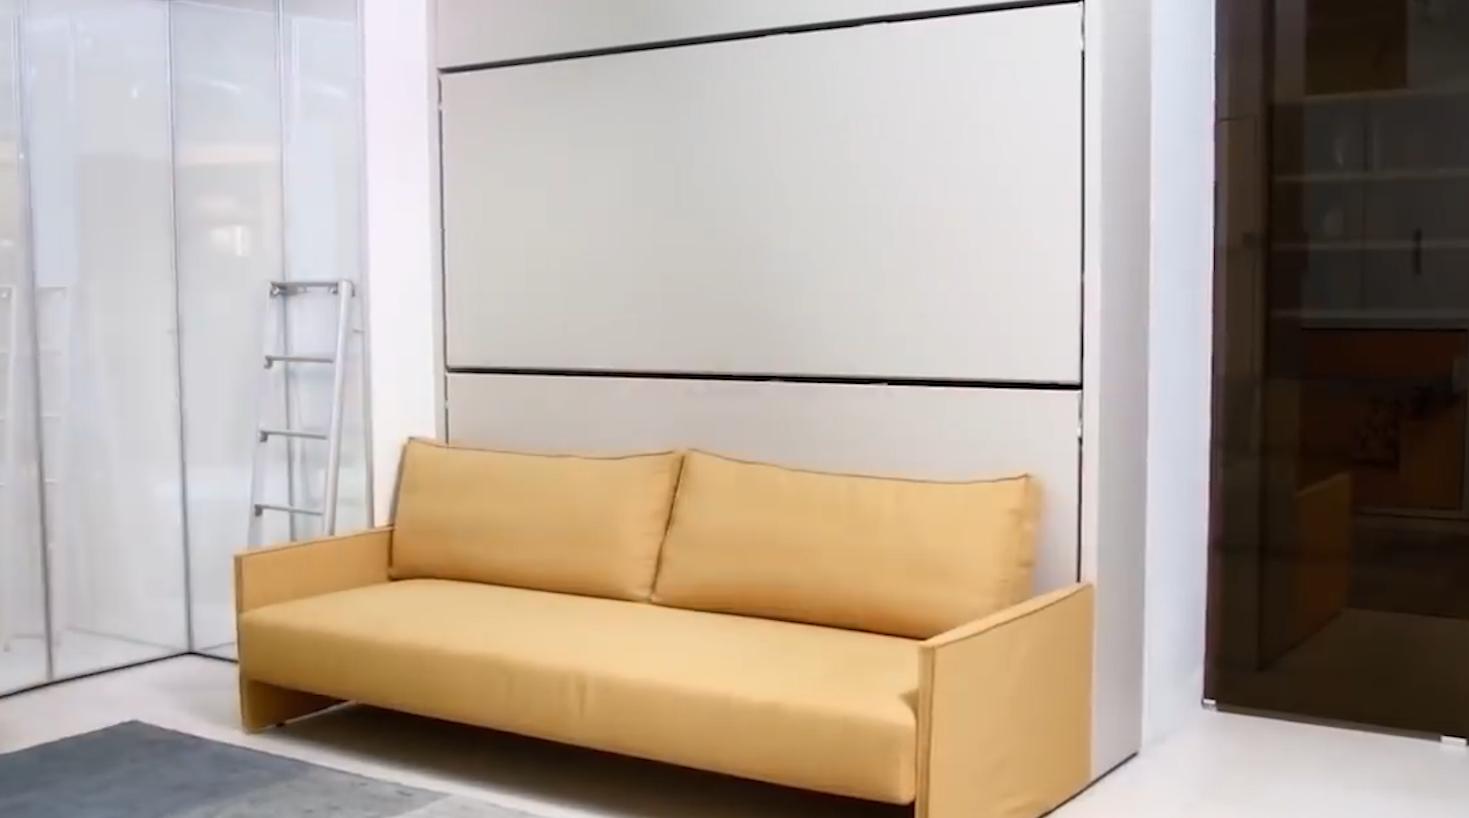 多功能变形床  将沙发和床的功能结合起来,既能变成沙发,也能变成床